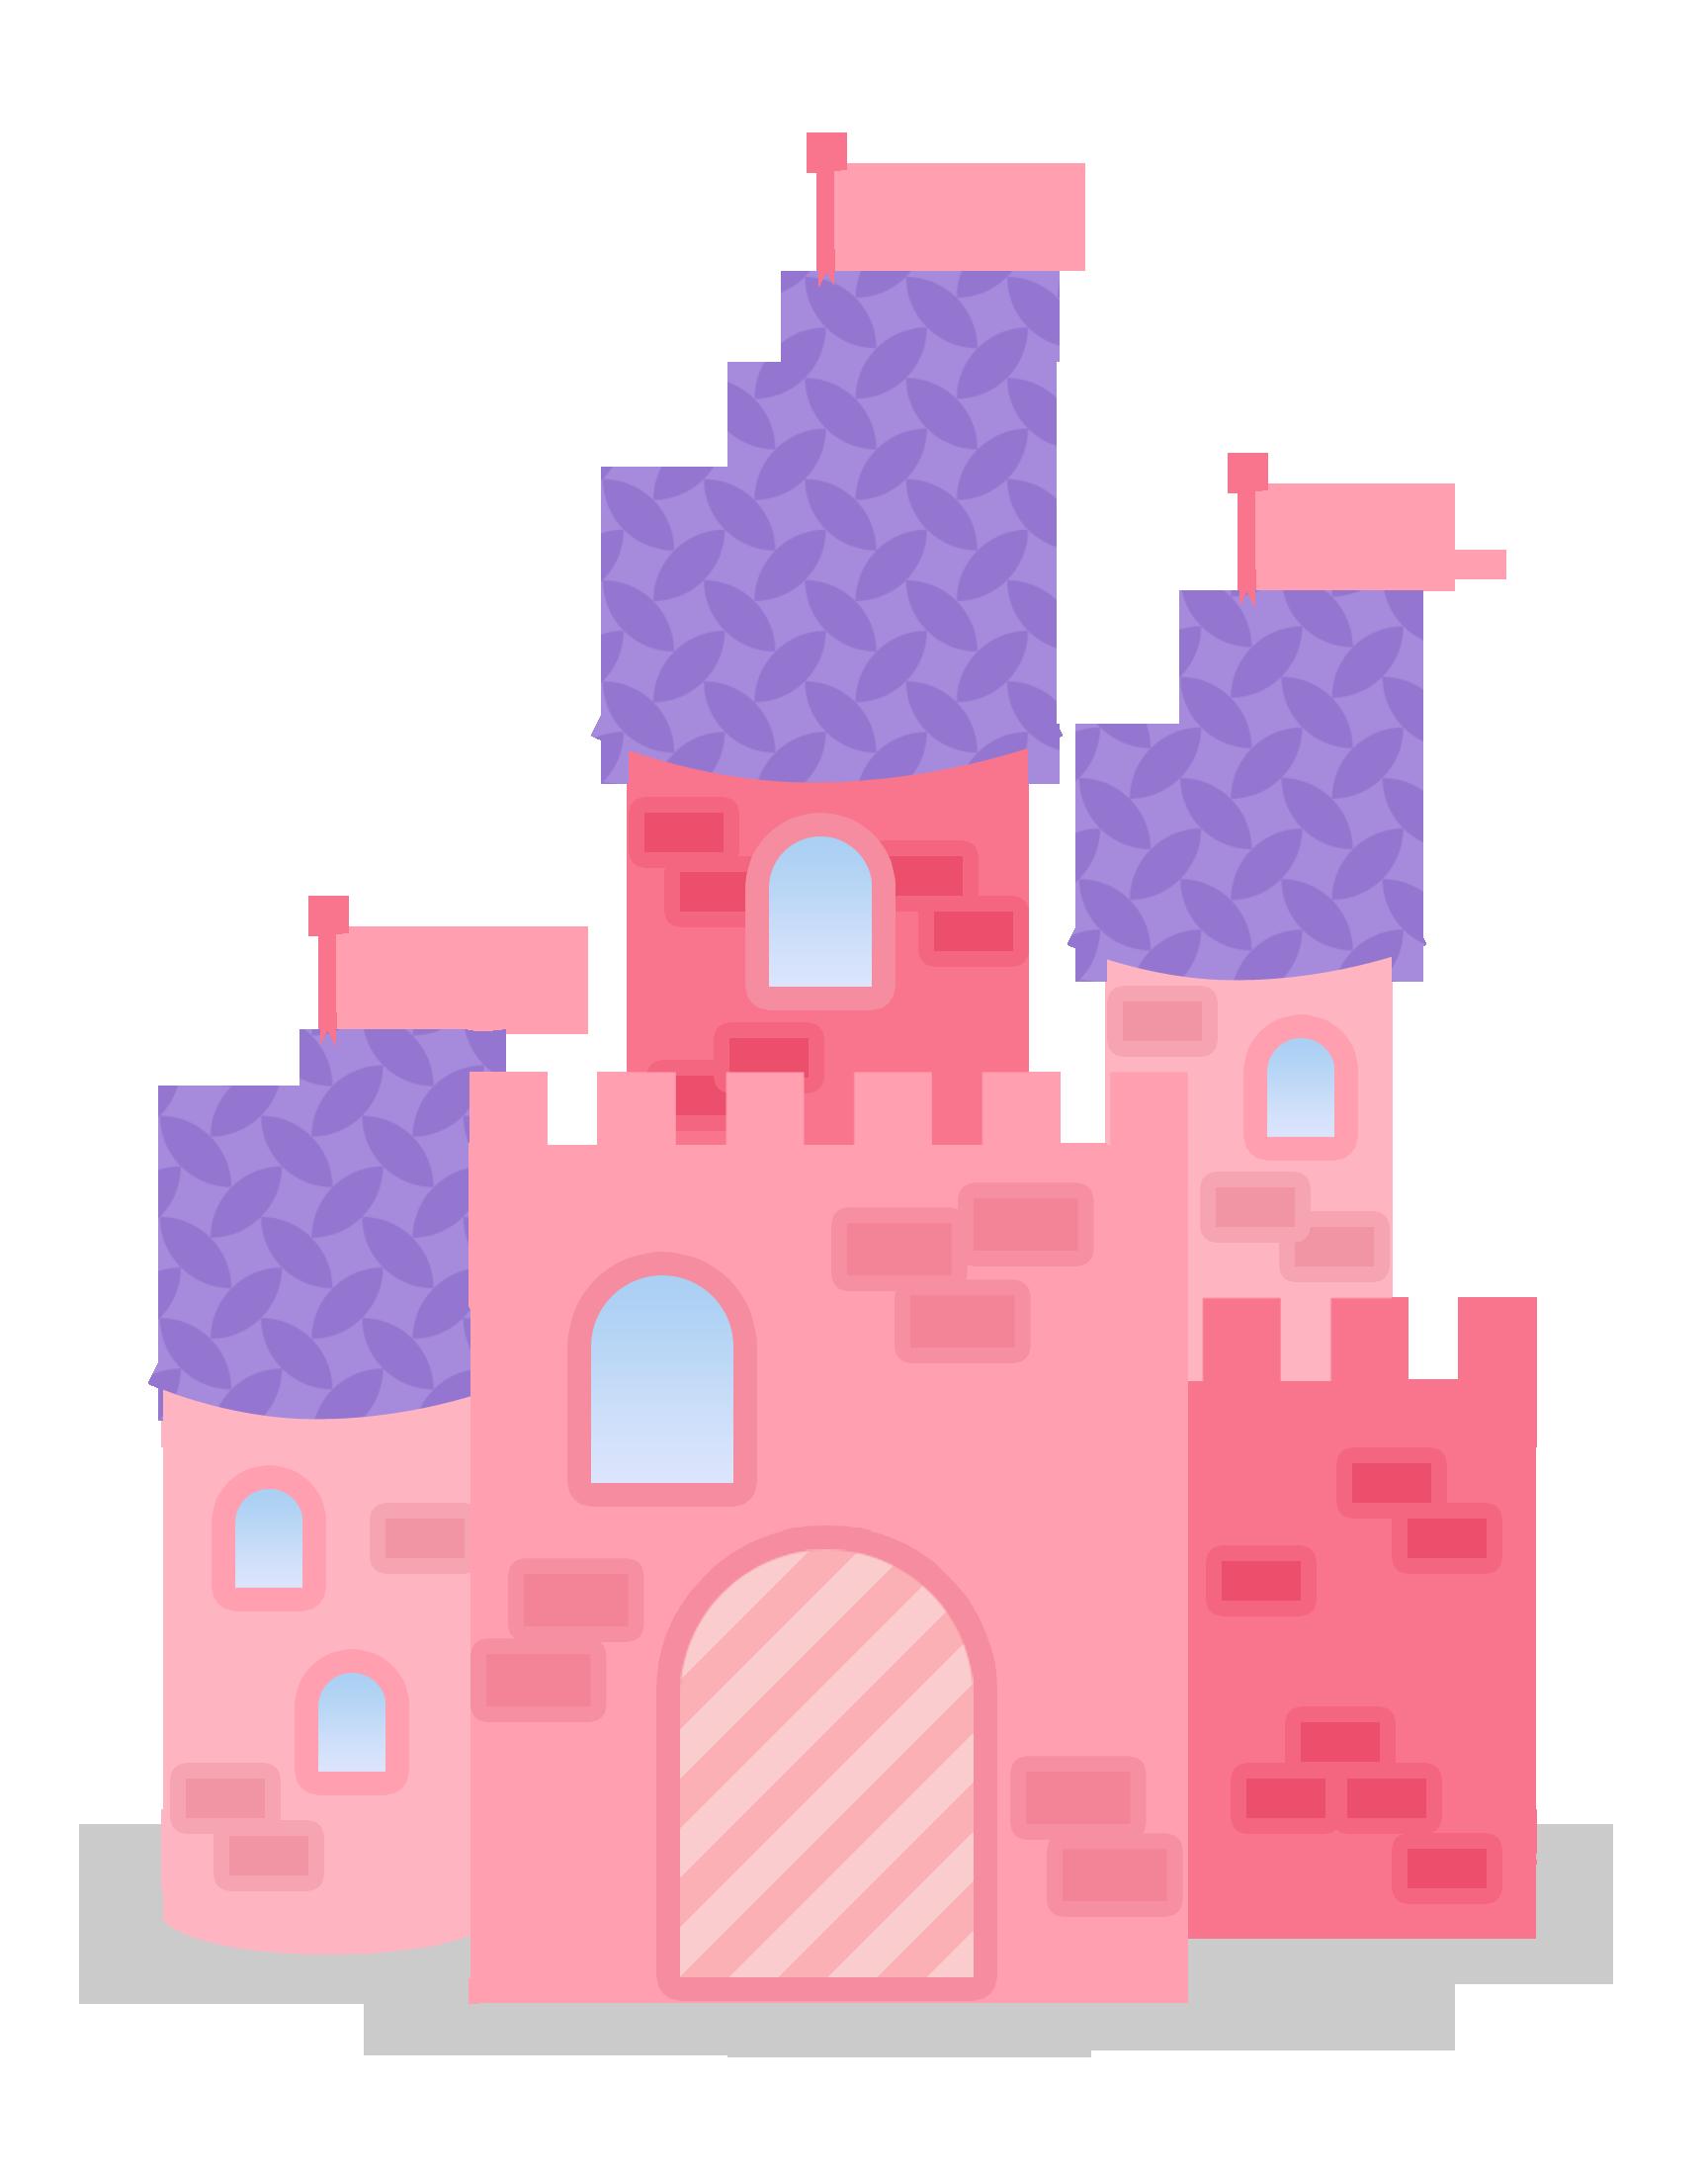 House clipart snow white. Littlefairytaleprincess castle png minus